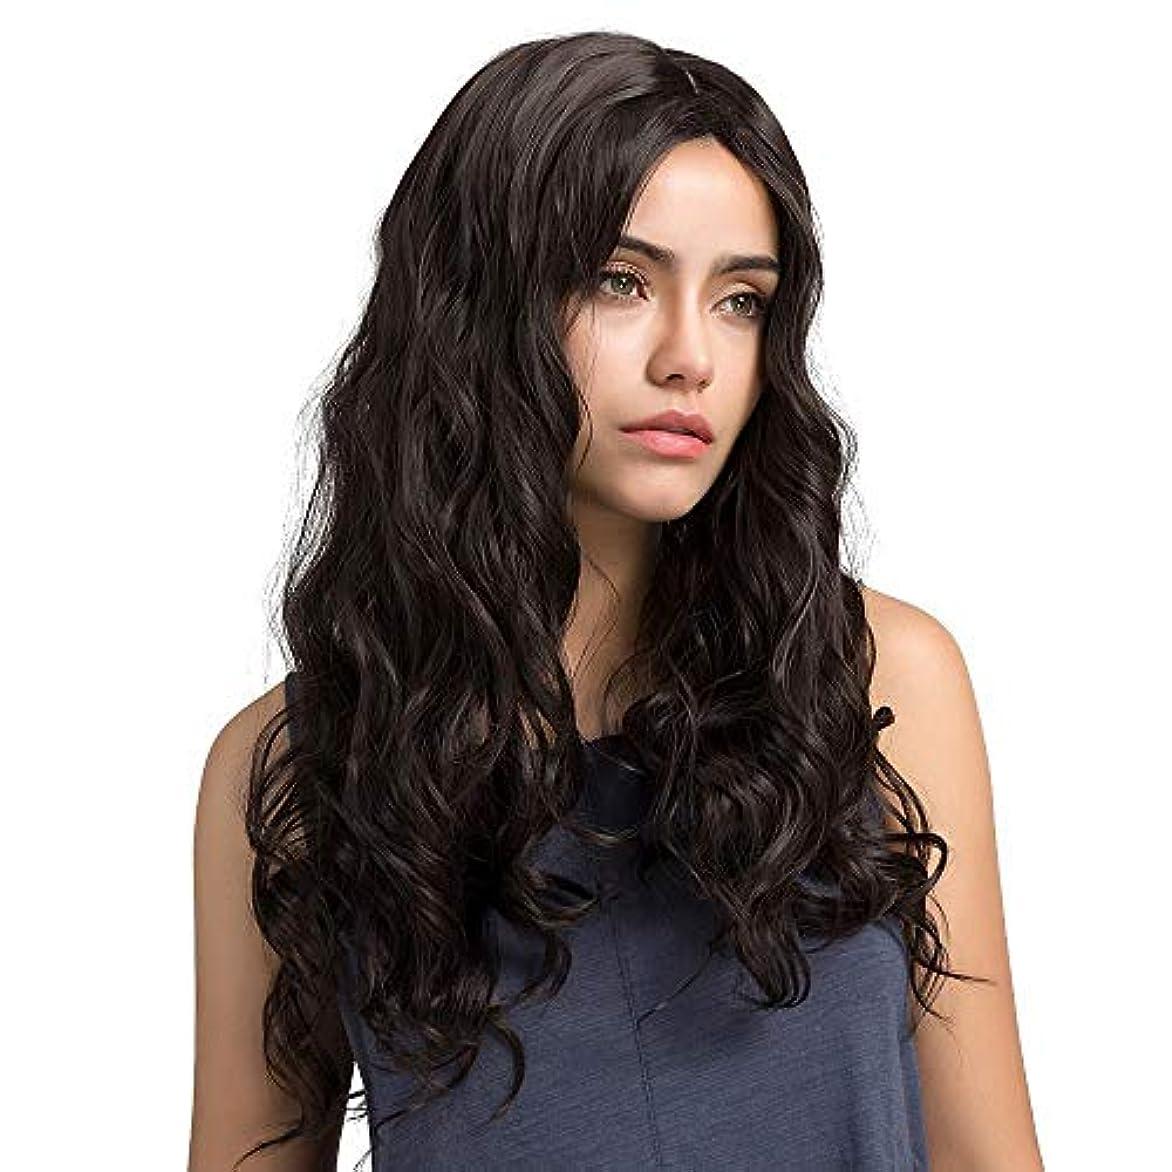 その他豆腐花束女性の小さな波状の長い巻き毛のふわふわのかつら65 cm